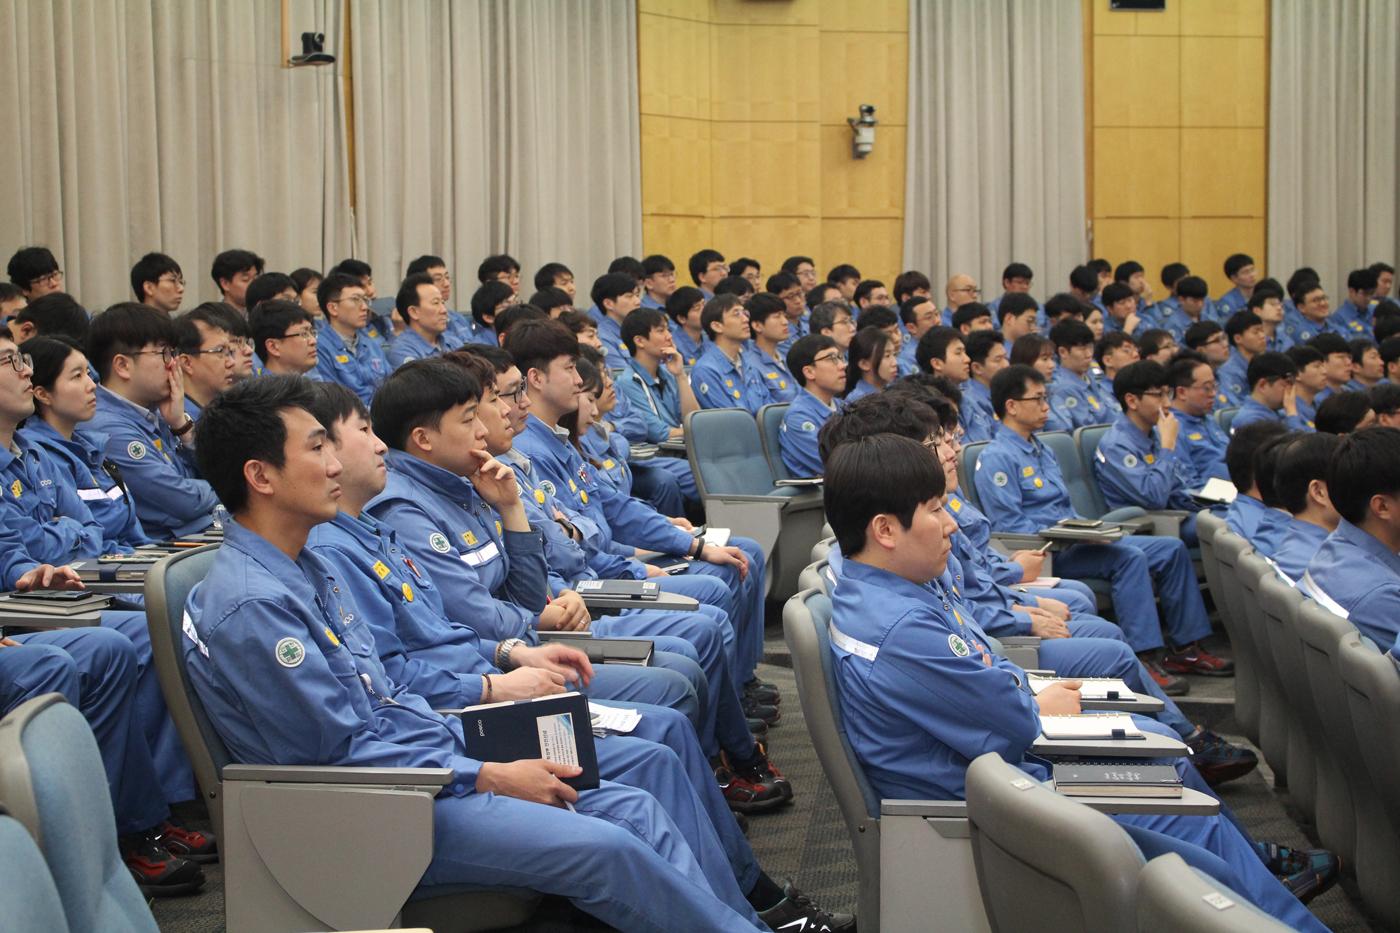 포항제철소 엔지니어들이 동료 직원의 발표를 경청하는 모습.